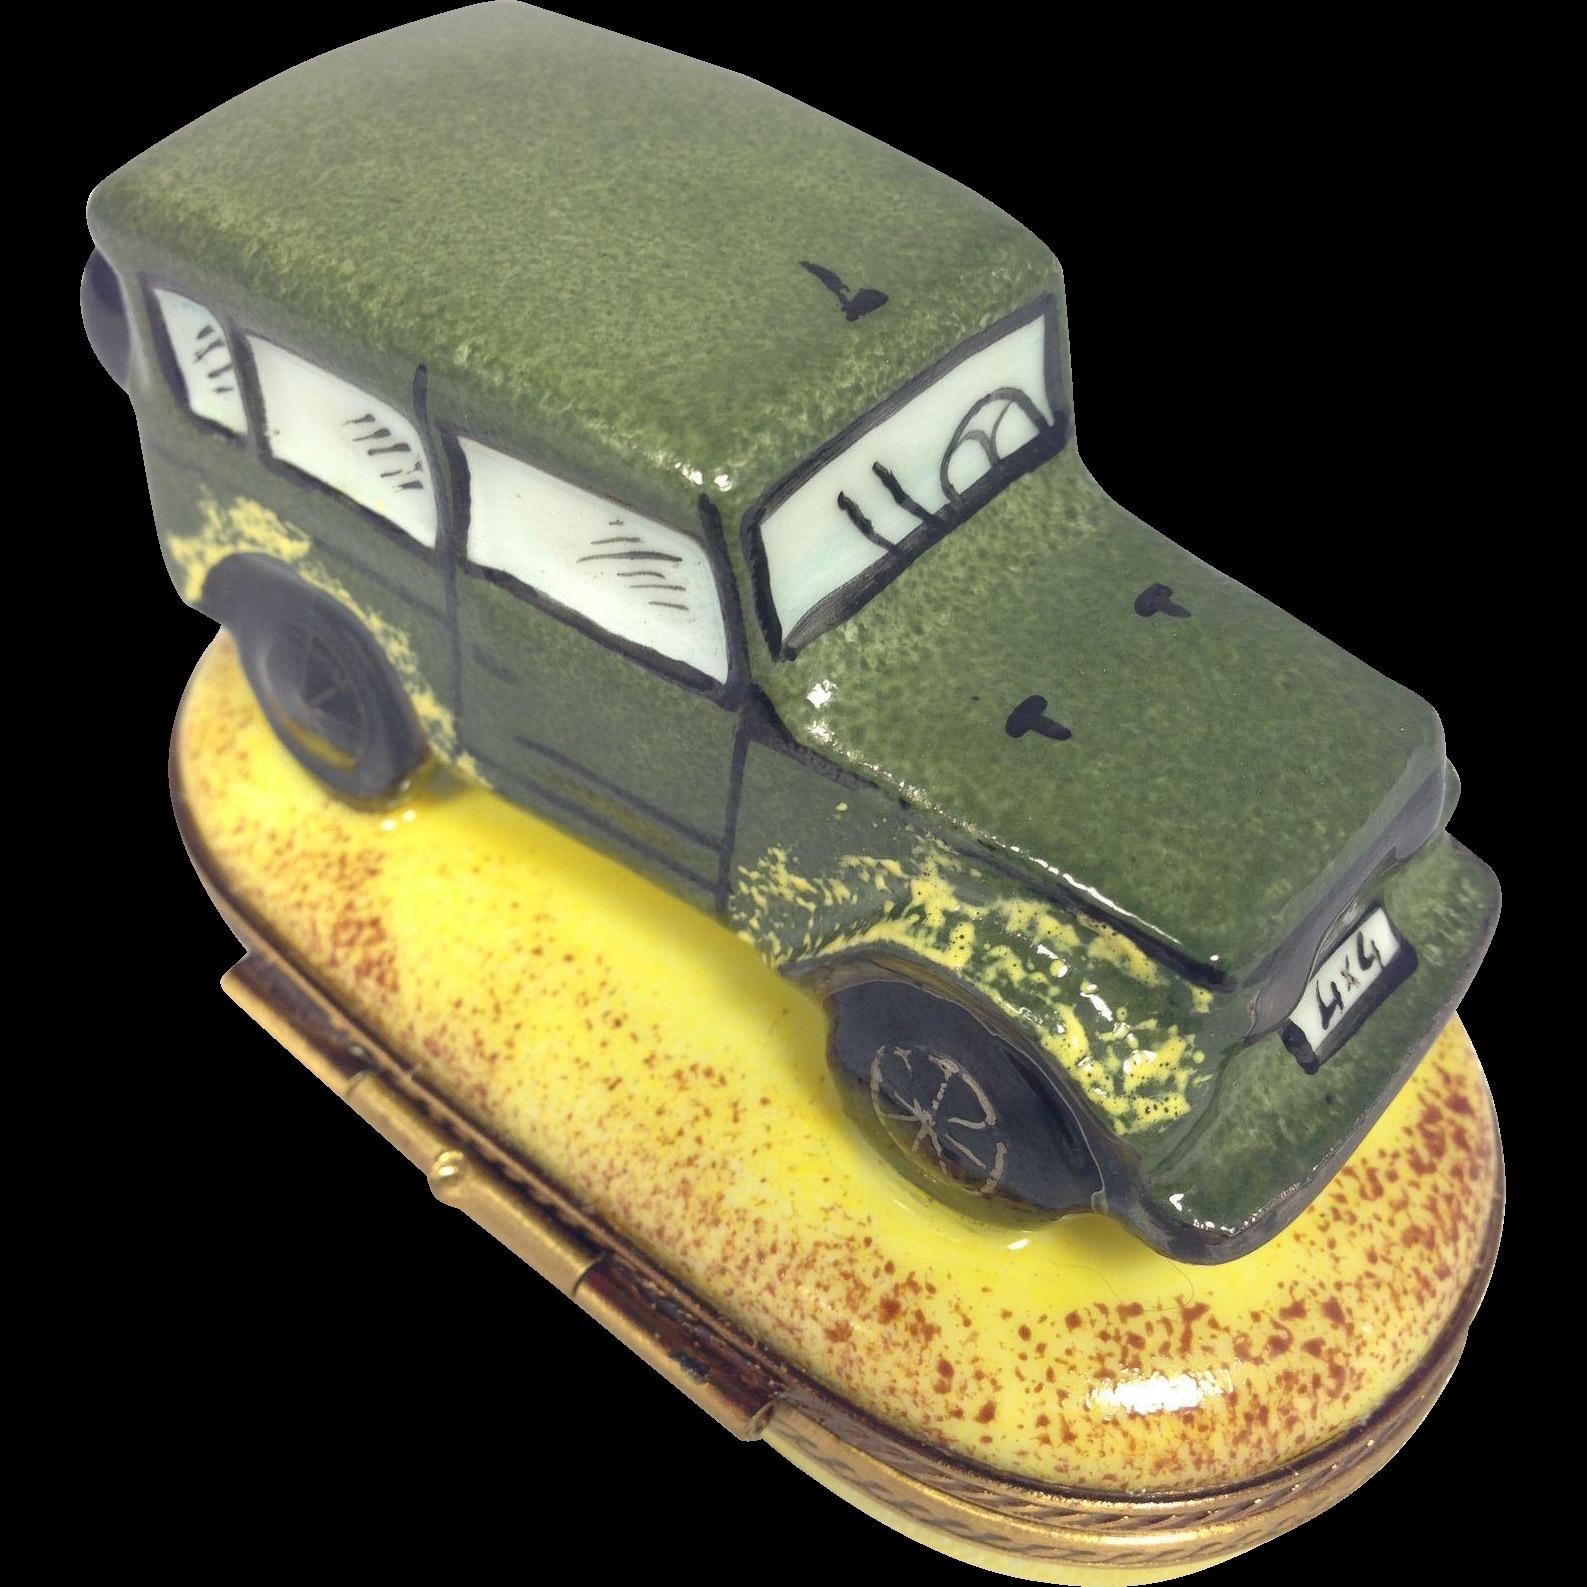 limoges trinket box range rover 4 x 4 retired design from art deck on ruby lane. Black Bedroom Furniture Sets. Home Design Ideas